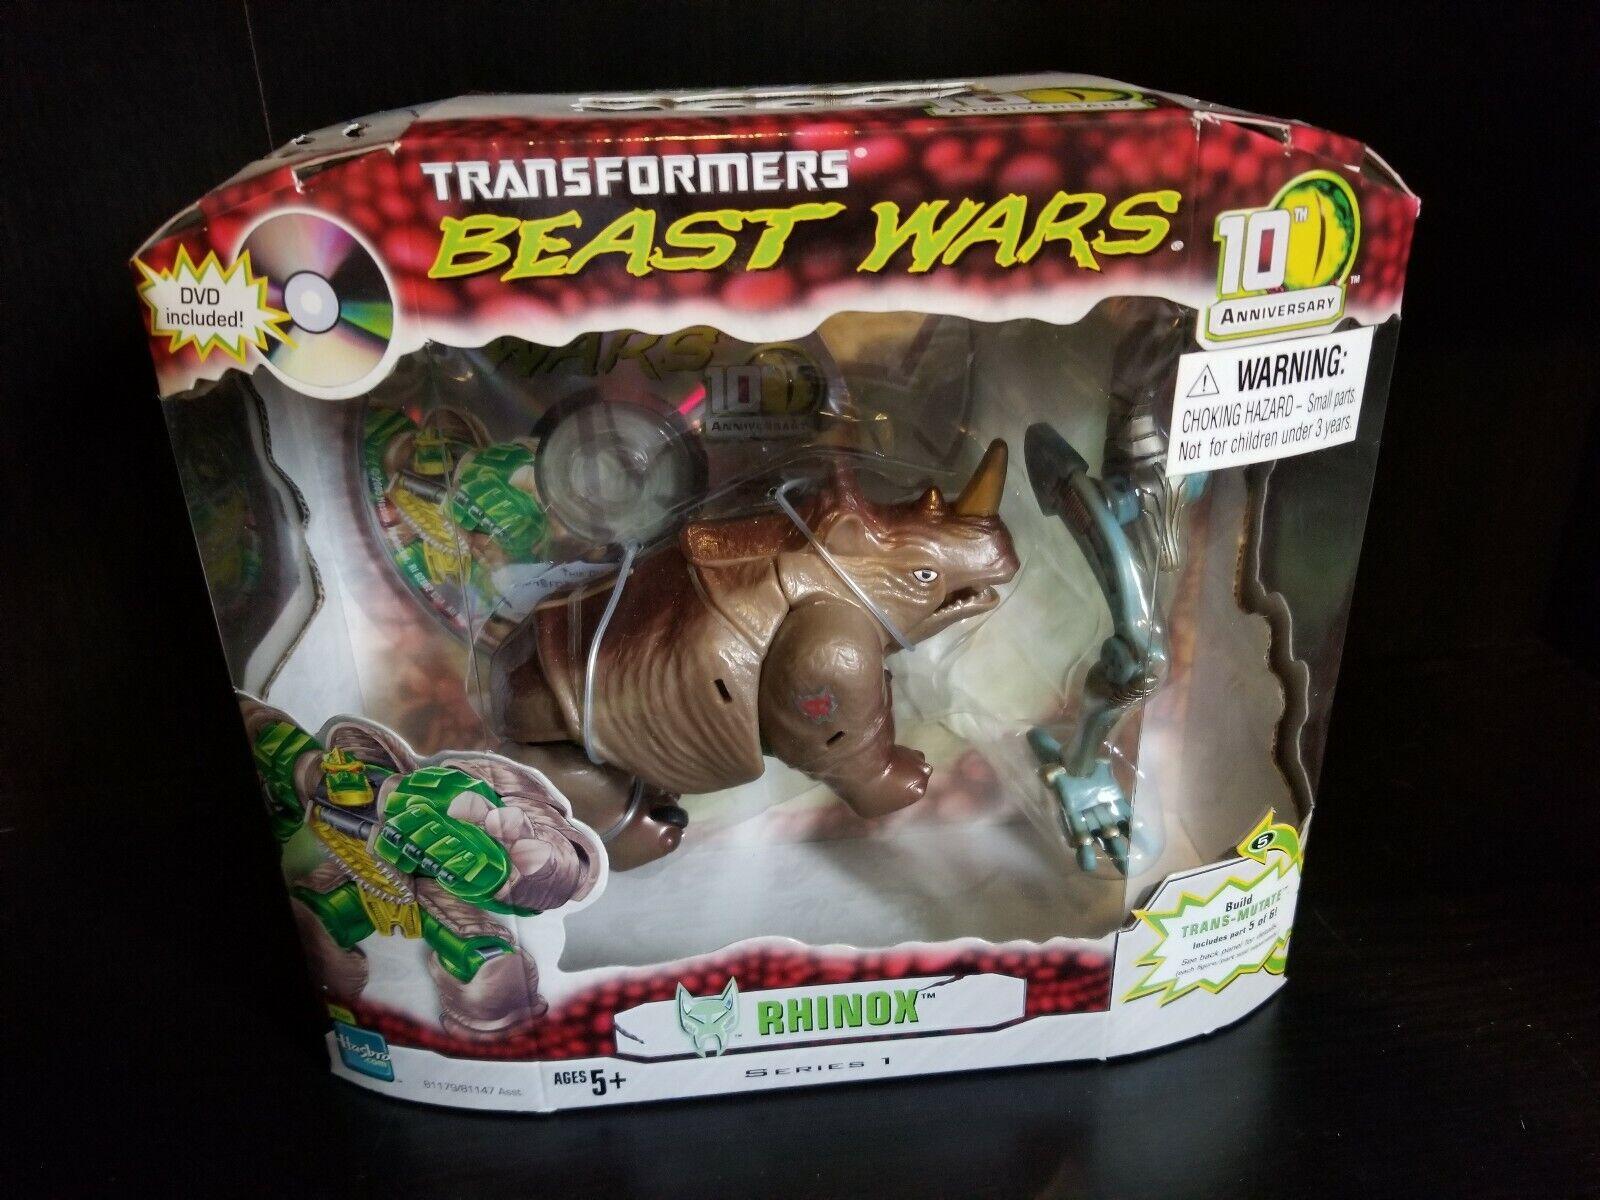 Beast guerras Transformers 10th Anniversary Rhinox BAF Transmutate sealed